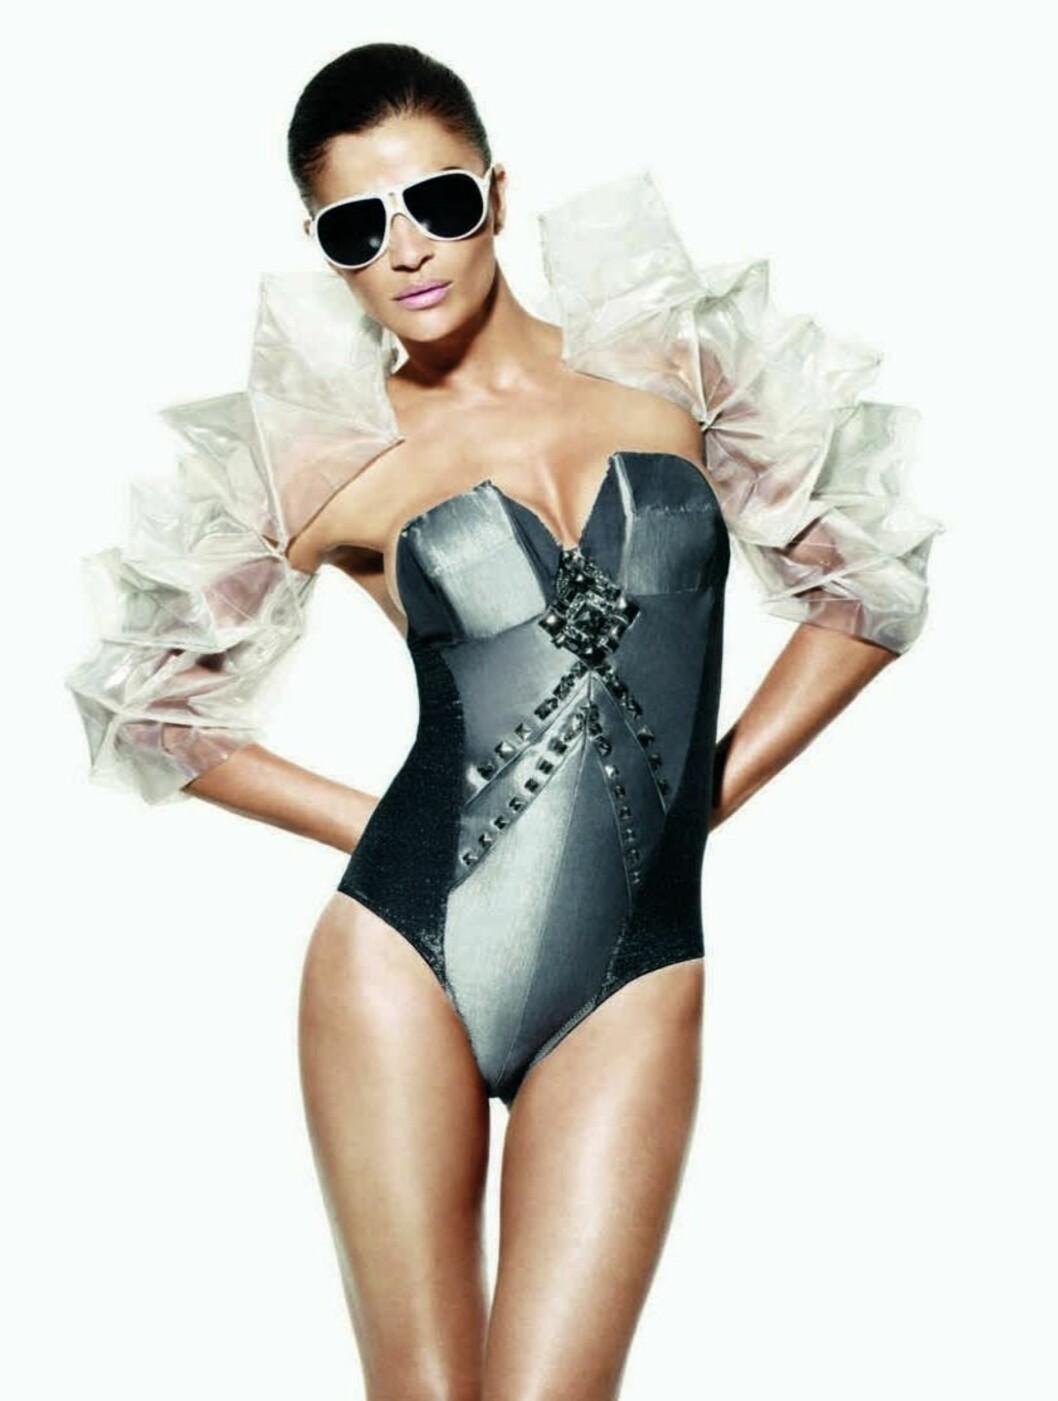 <strong>KUL:</strong> Helena Christensen kan konkurrere med enhver ung popstjerne i Triumphs nye kampanje - både i utseende og stil.  Foto: All Over Press